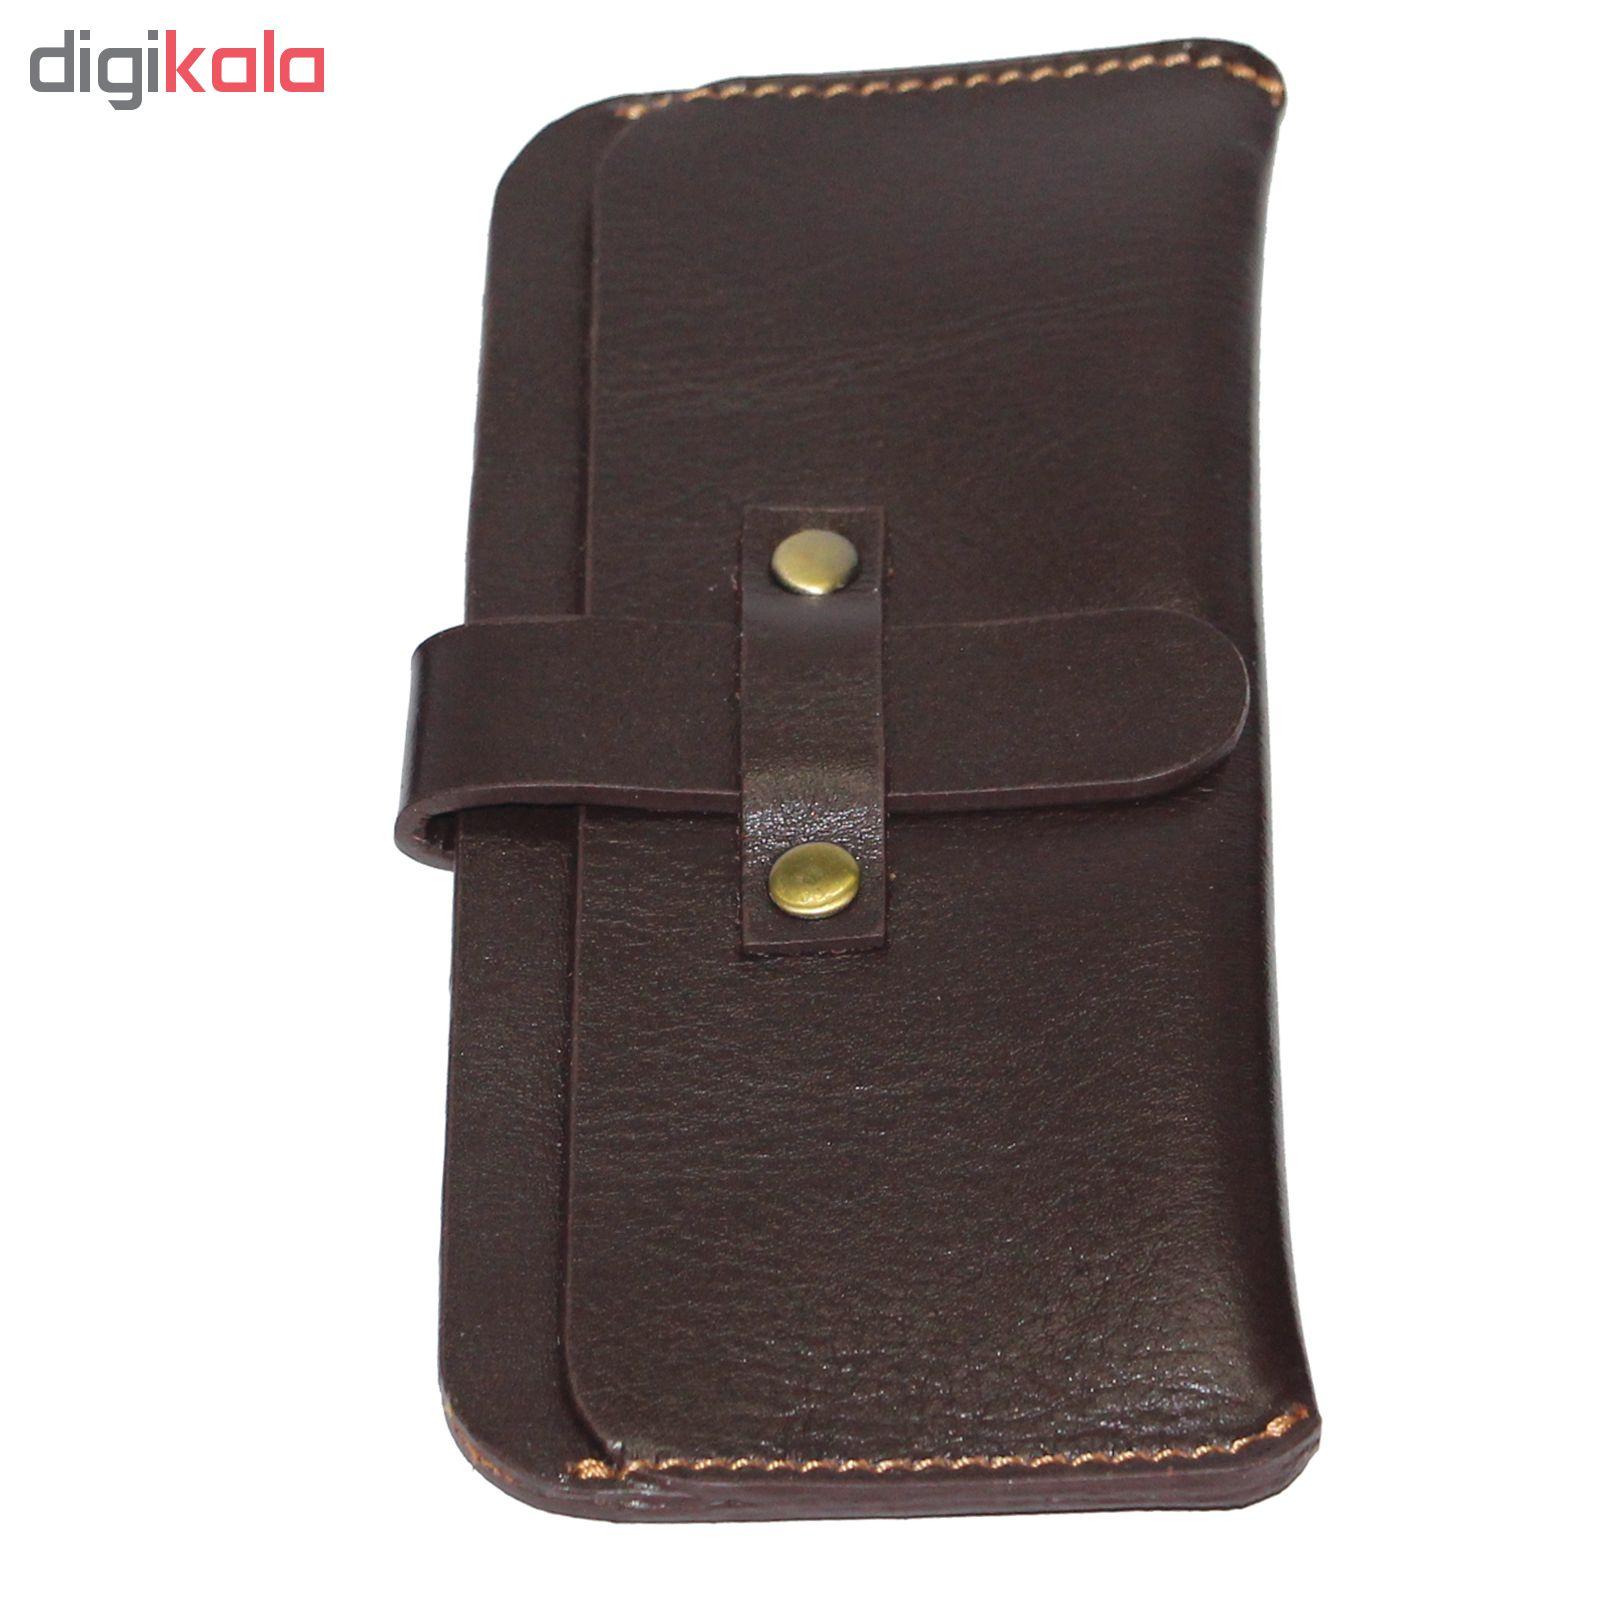 کیف موبایل آدین چرم DM66 چرم گاوی مناسب برای IPHONE X/XR/XS SAMSUNG S10+/A50/A9/A70 Nova 3 P30 pro